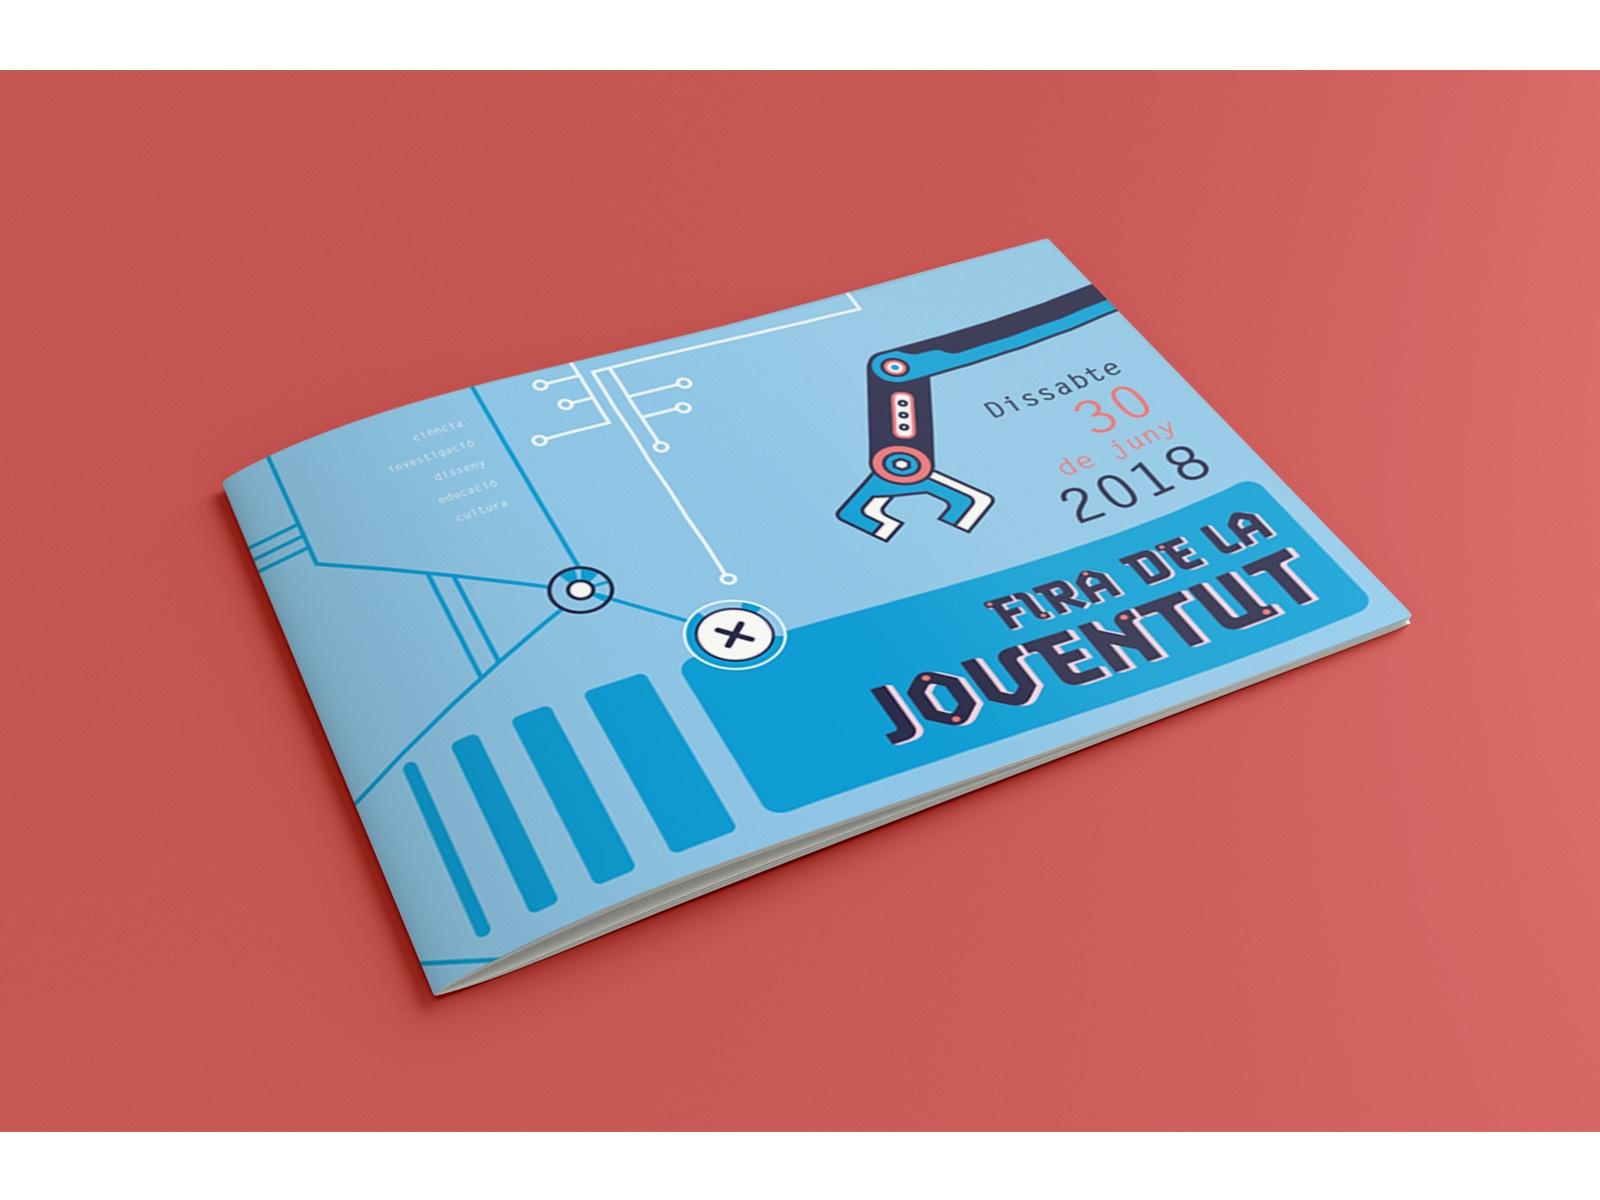 folleto corporativo, soporte de comunicación gráfica